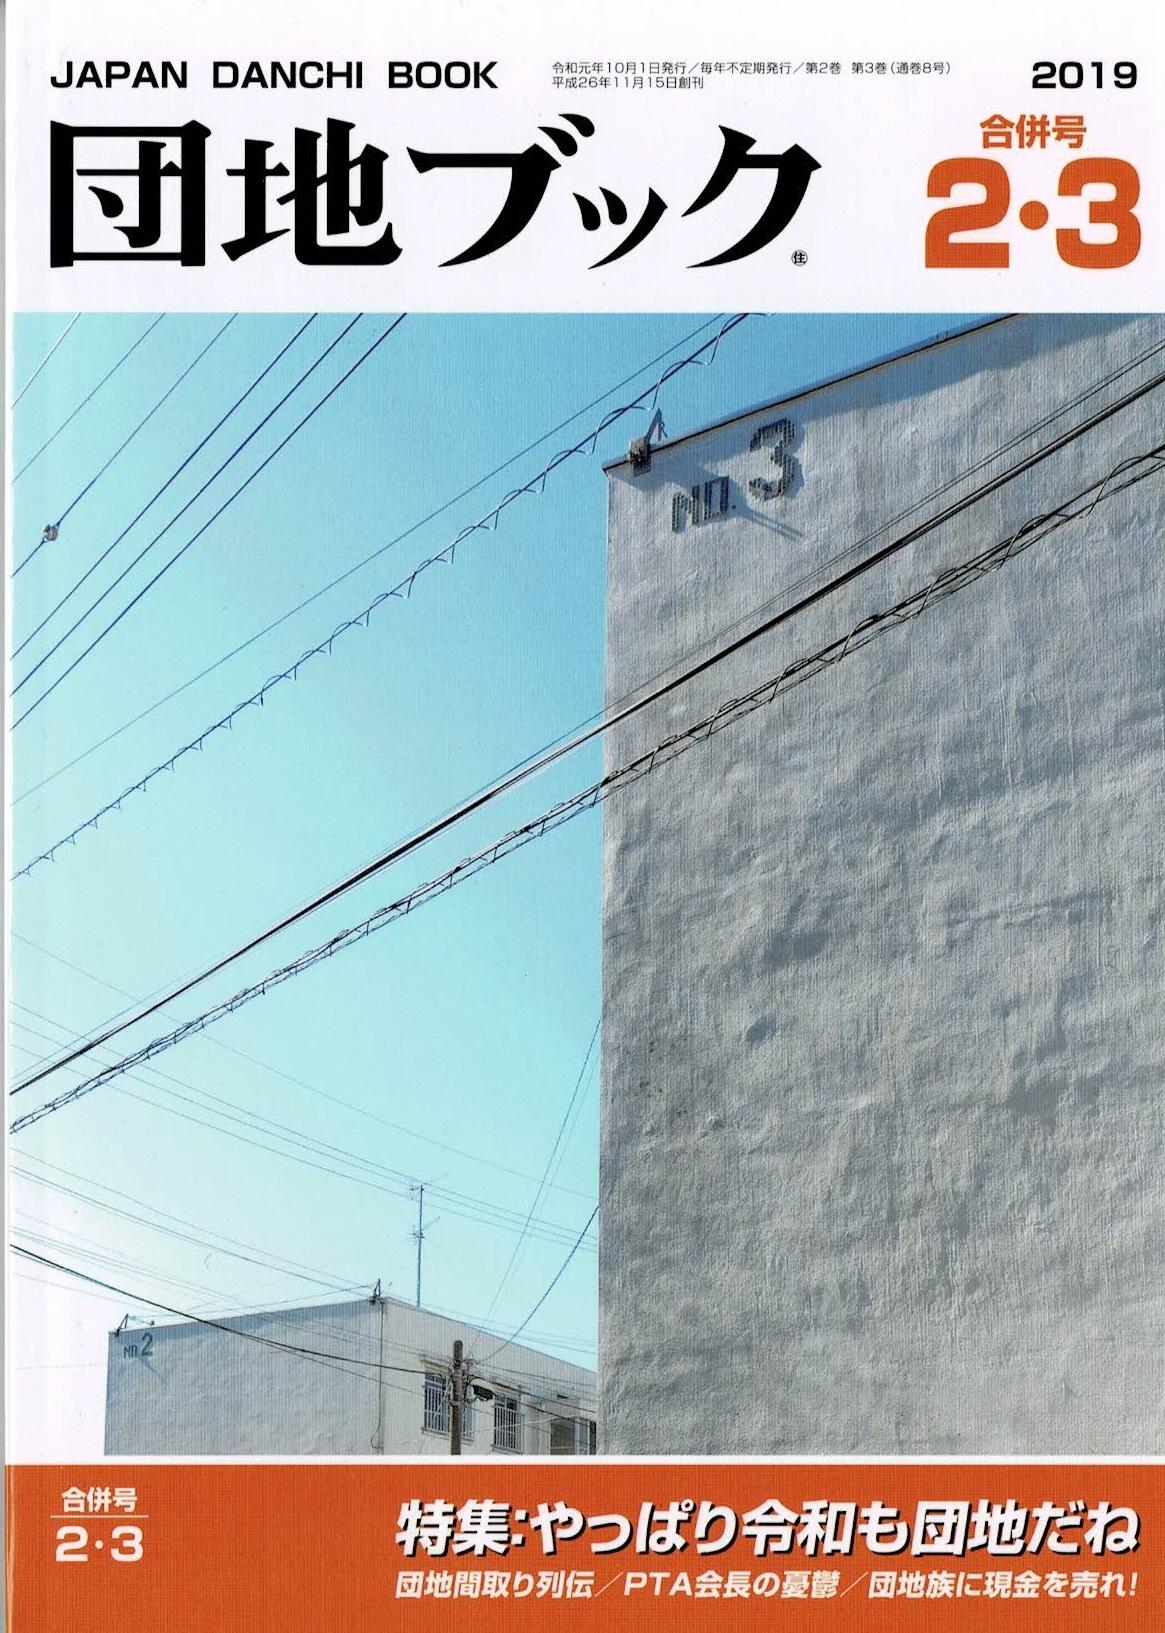 団地ブック2・3 特集:やっぱり令和も団地だね 【チーム4.5畳】画像